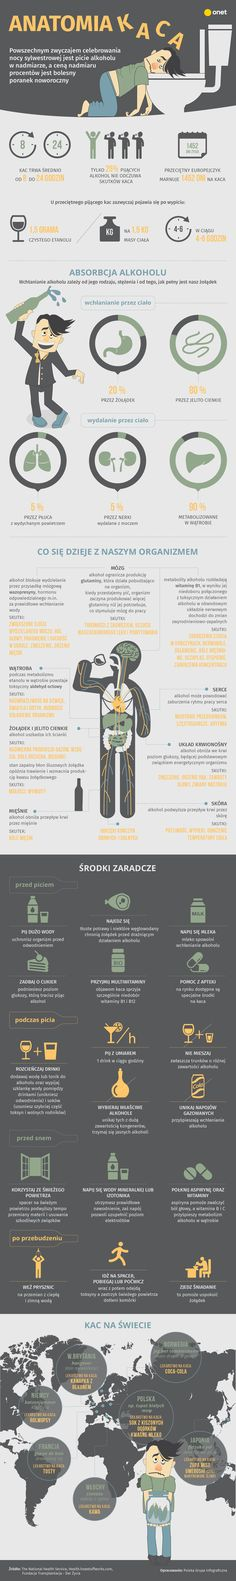 Anatomia kaca. Co przeżywa twoje ciało? - Facet